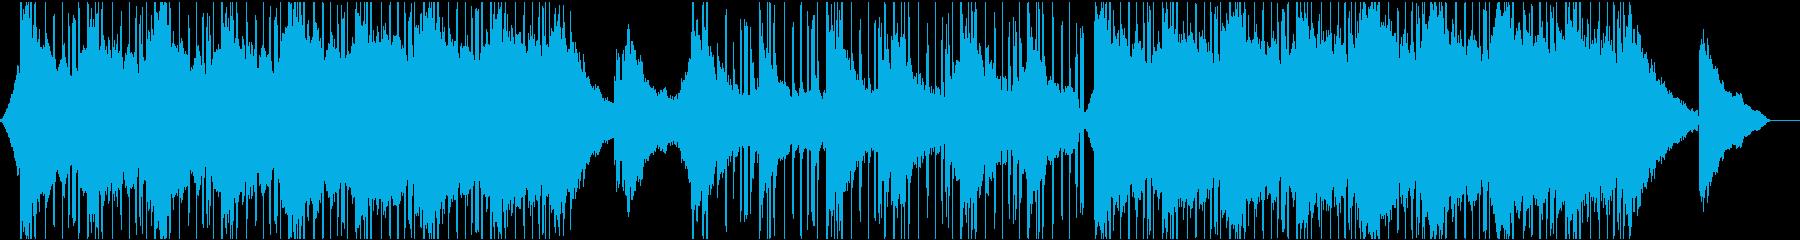 エレガントで滑らかでリラックスできる音楽の再生済みの波形